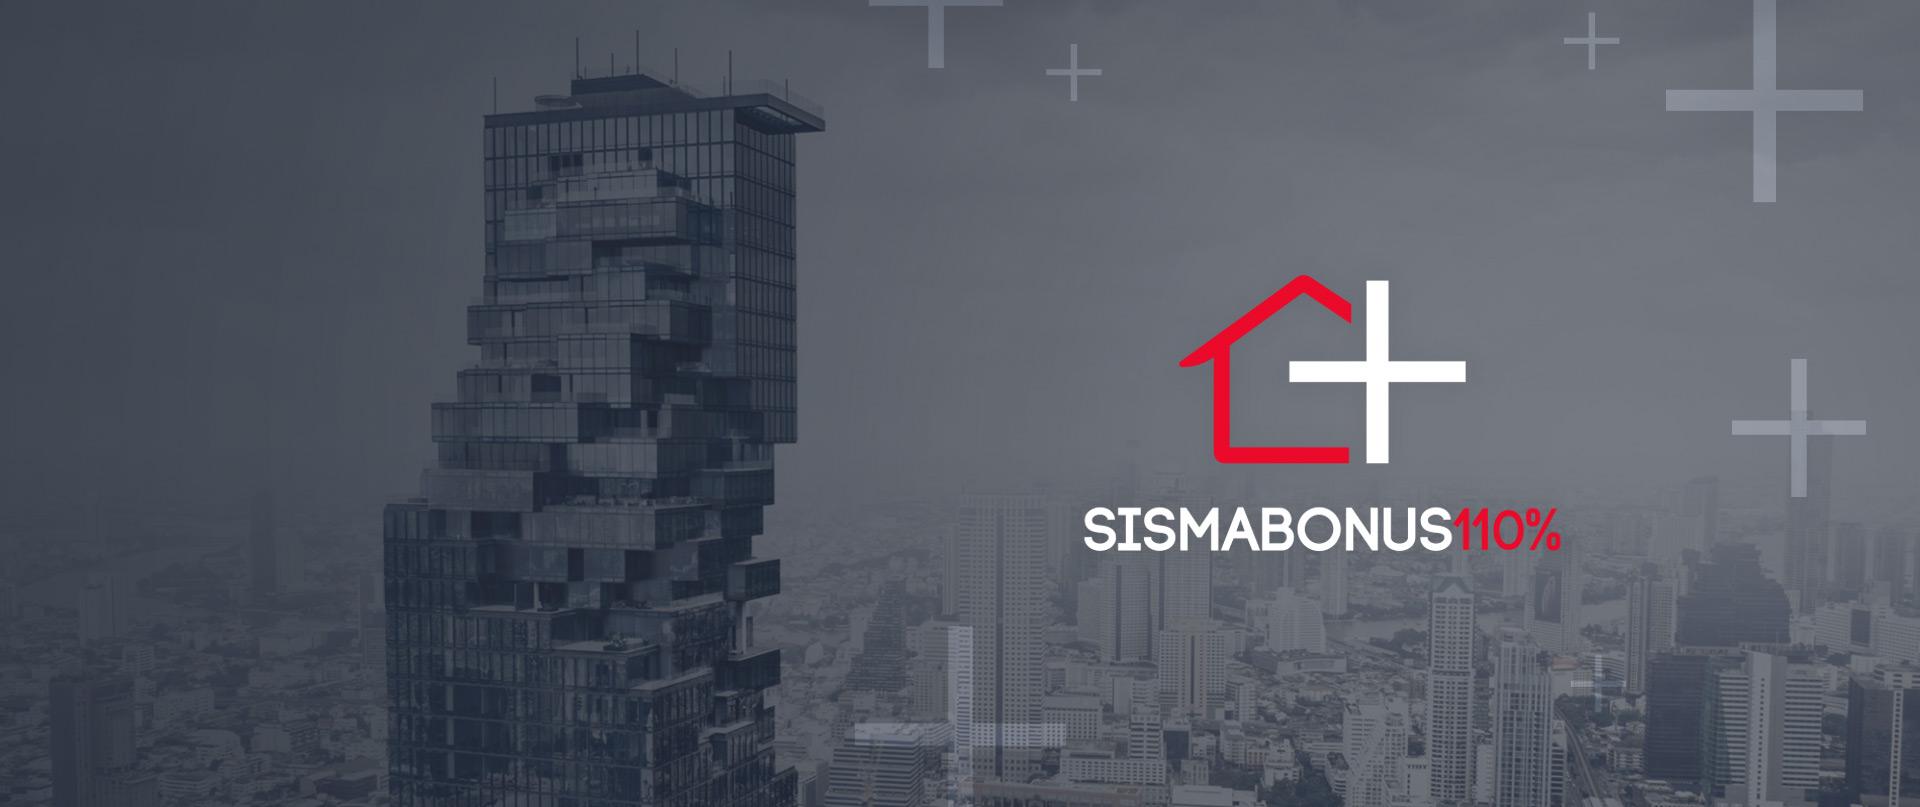 SismaBonus 110%